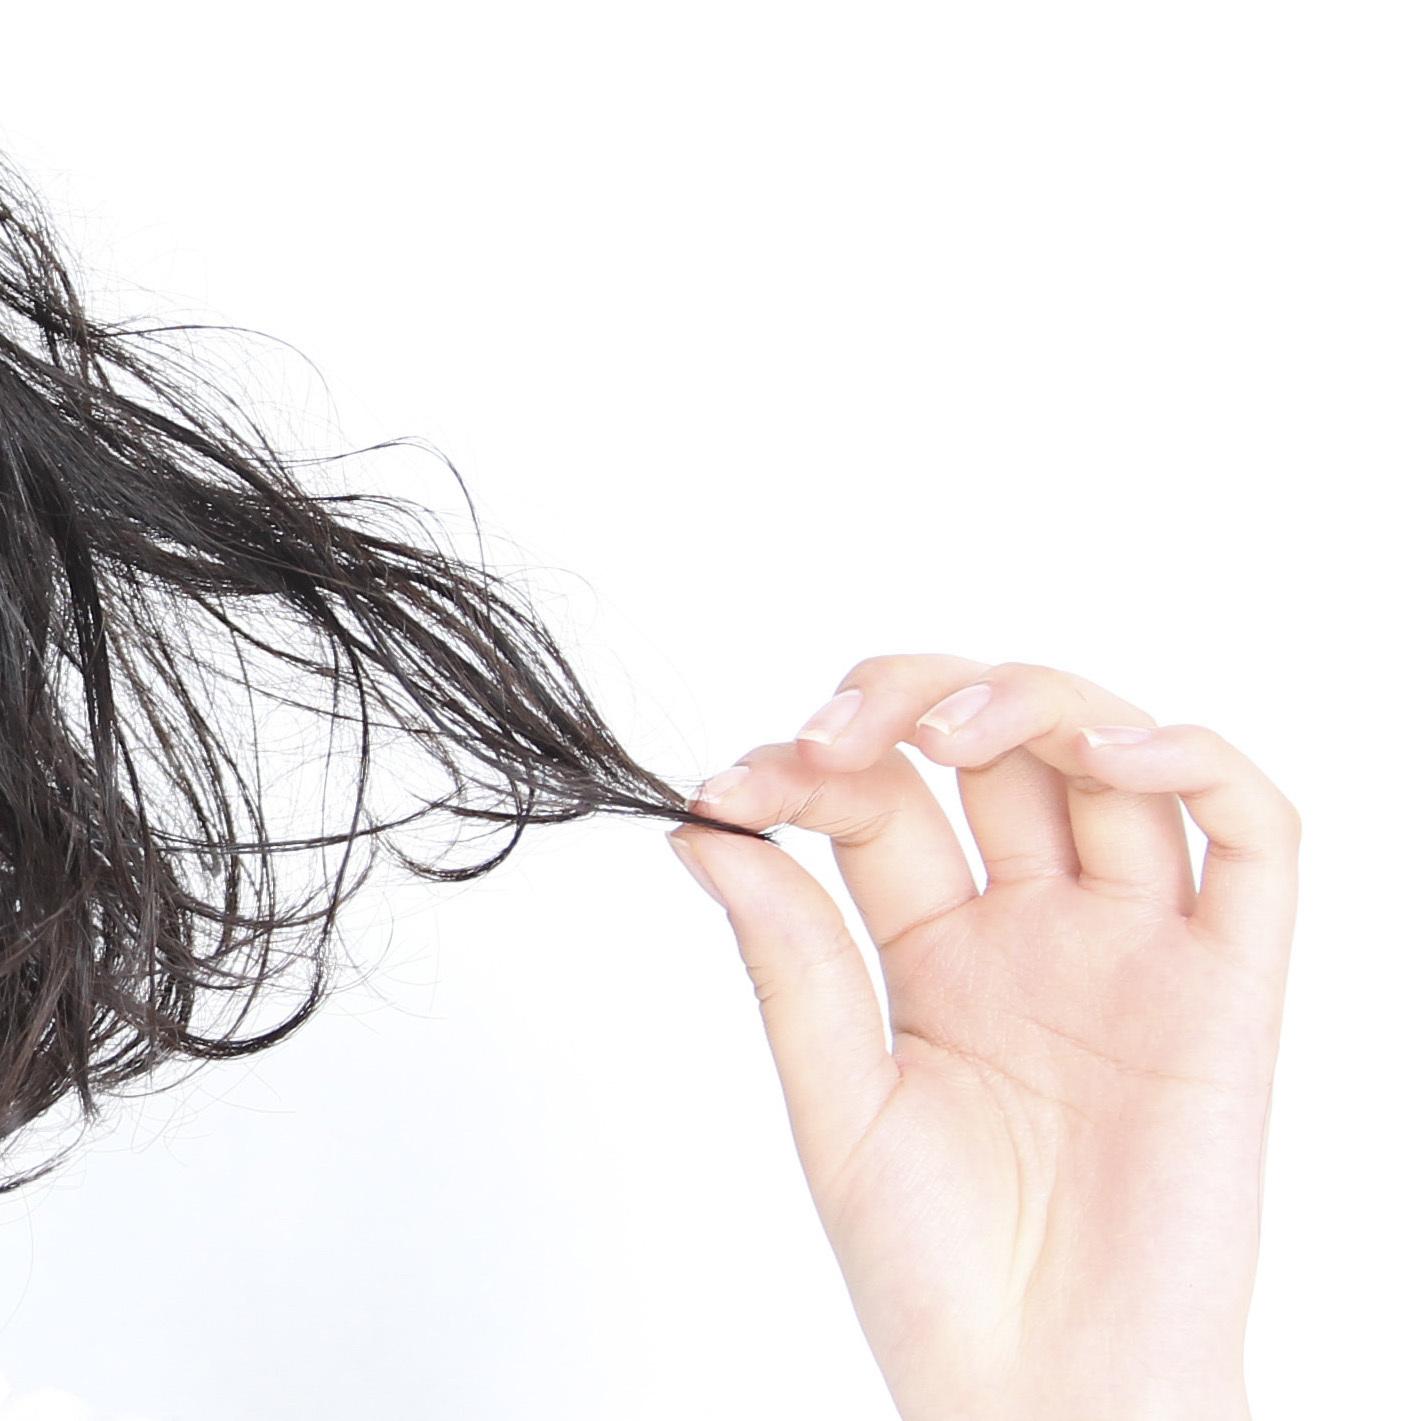 なぜノンブローでヘアースタイルがきまるのか?